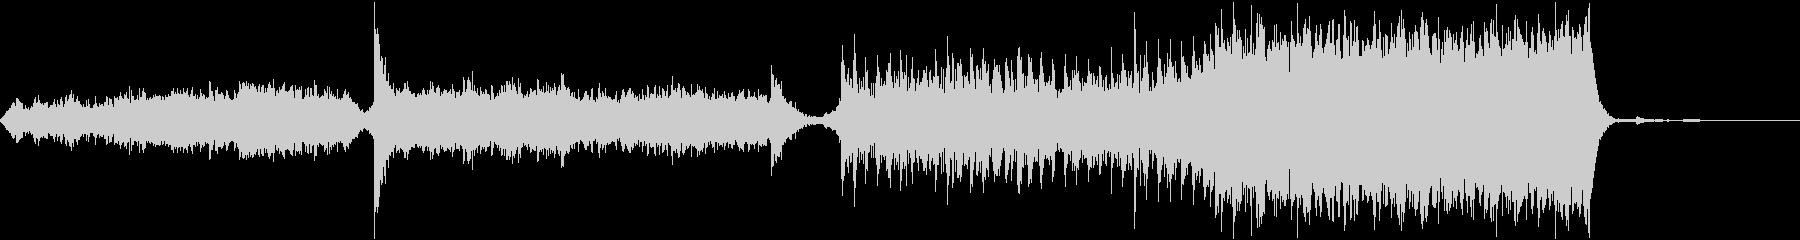 フルオーケストラ、大きく変化するリズム、の未再生の波形